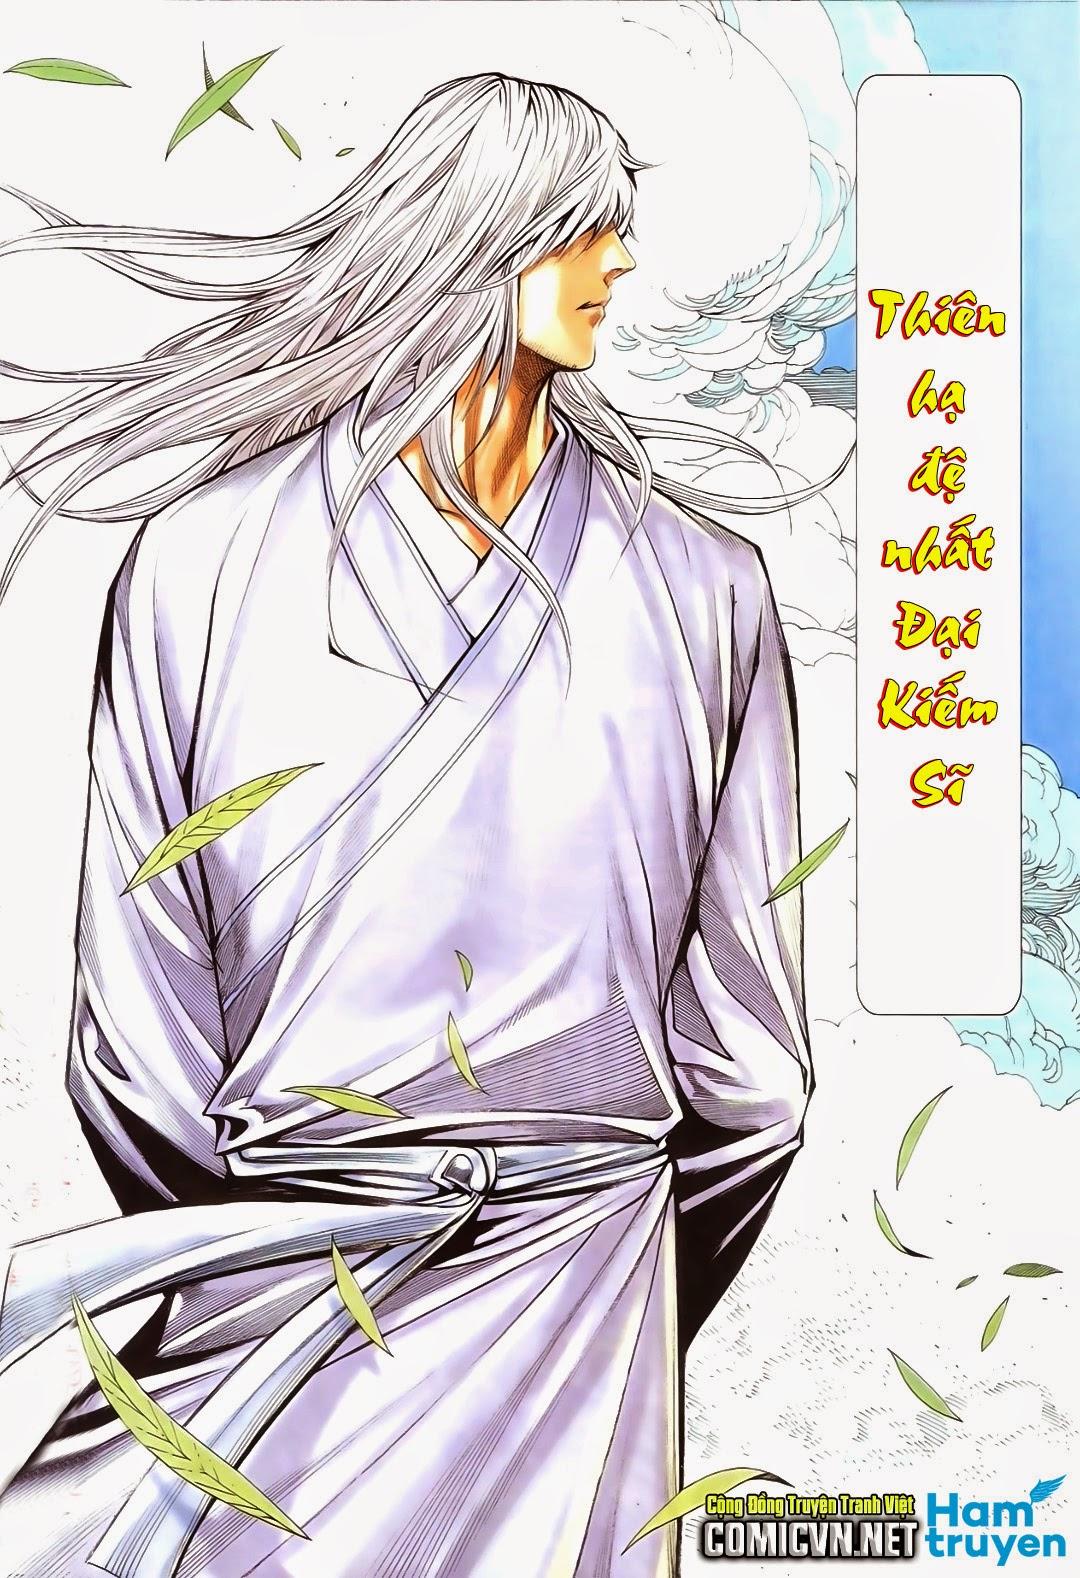 Phong Thần Ký chap 181 - Trang 30